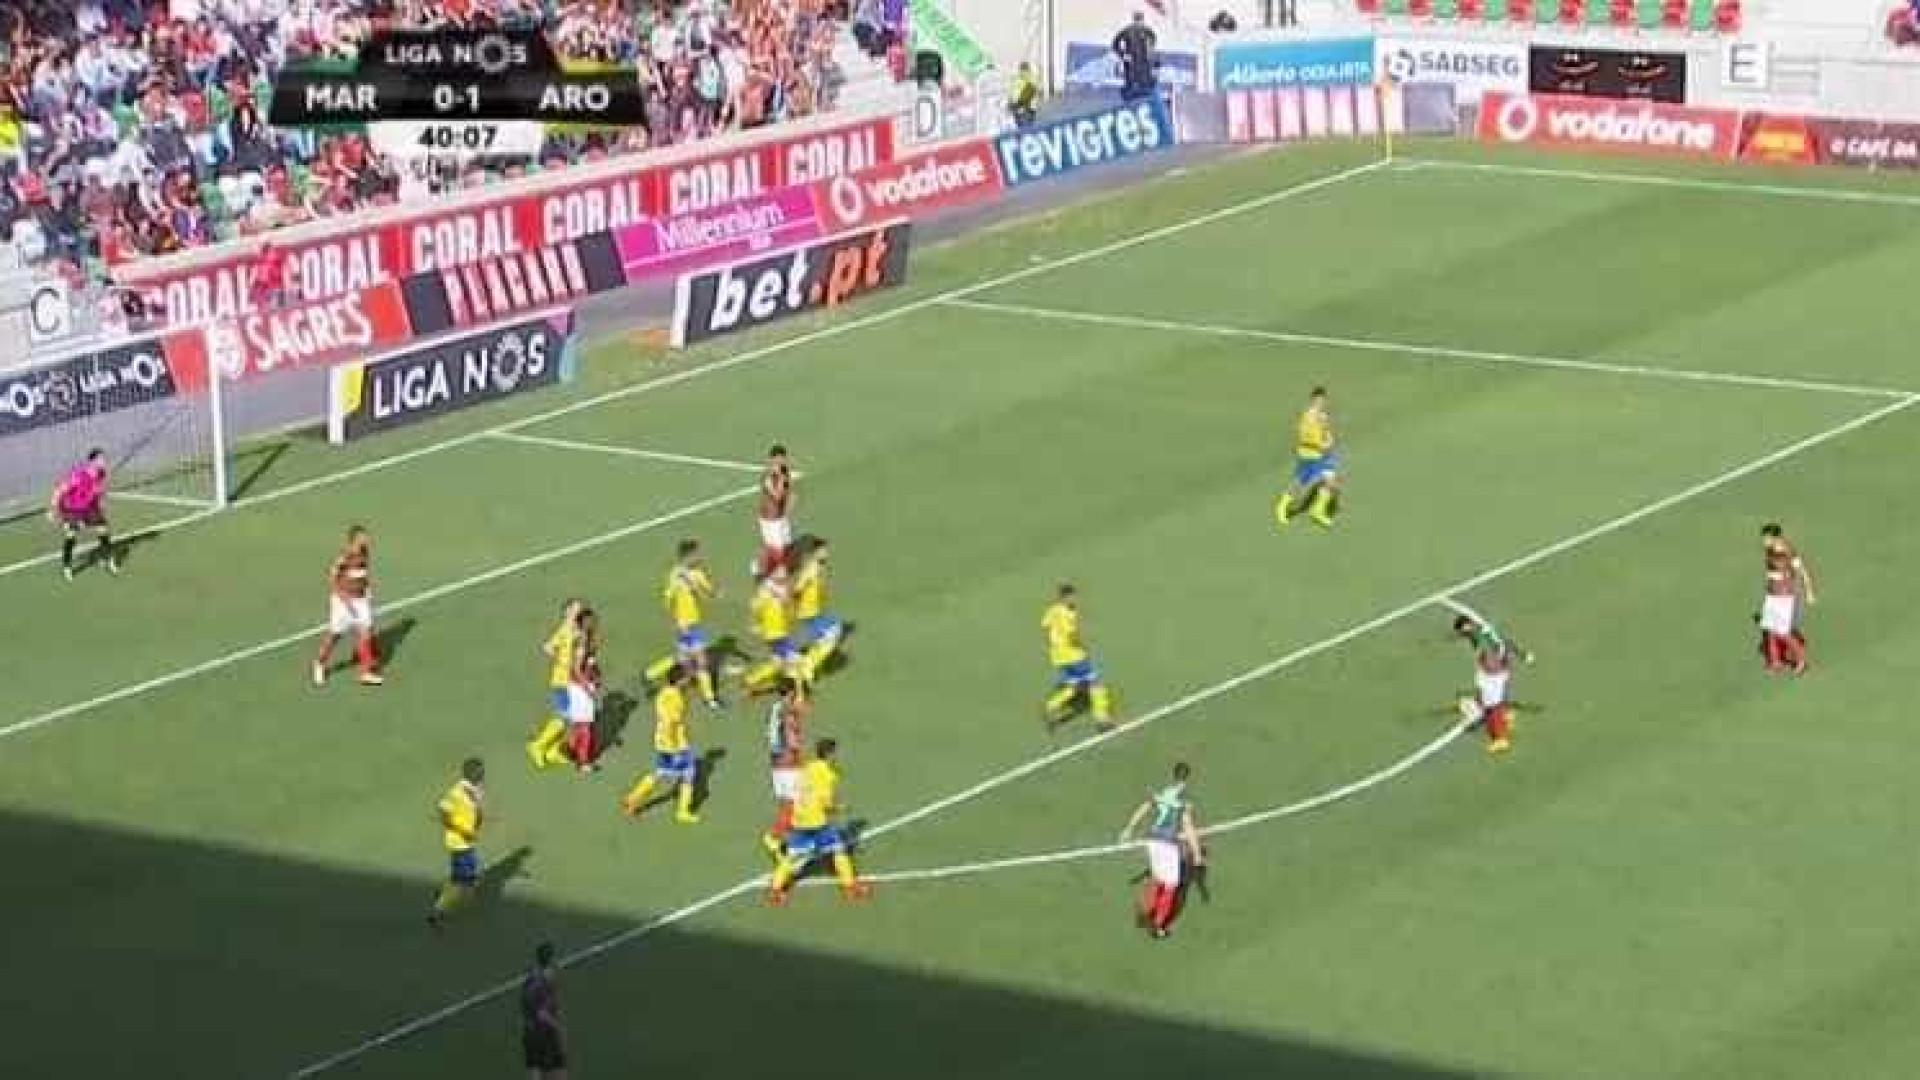 Zainadine disparou um autêntico 'rocket' e marcou o golo da jornada